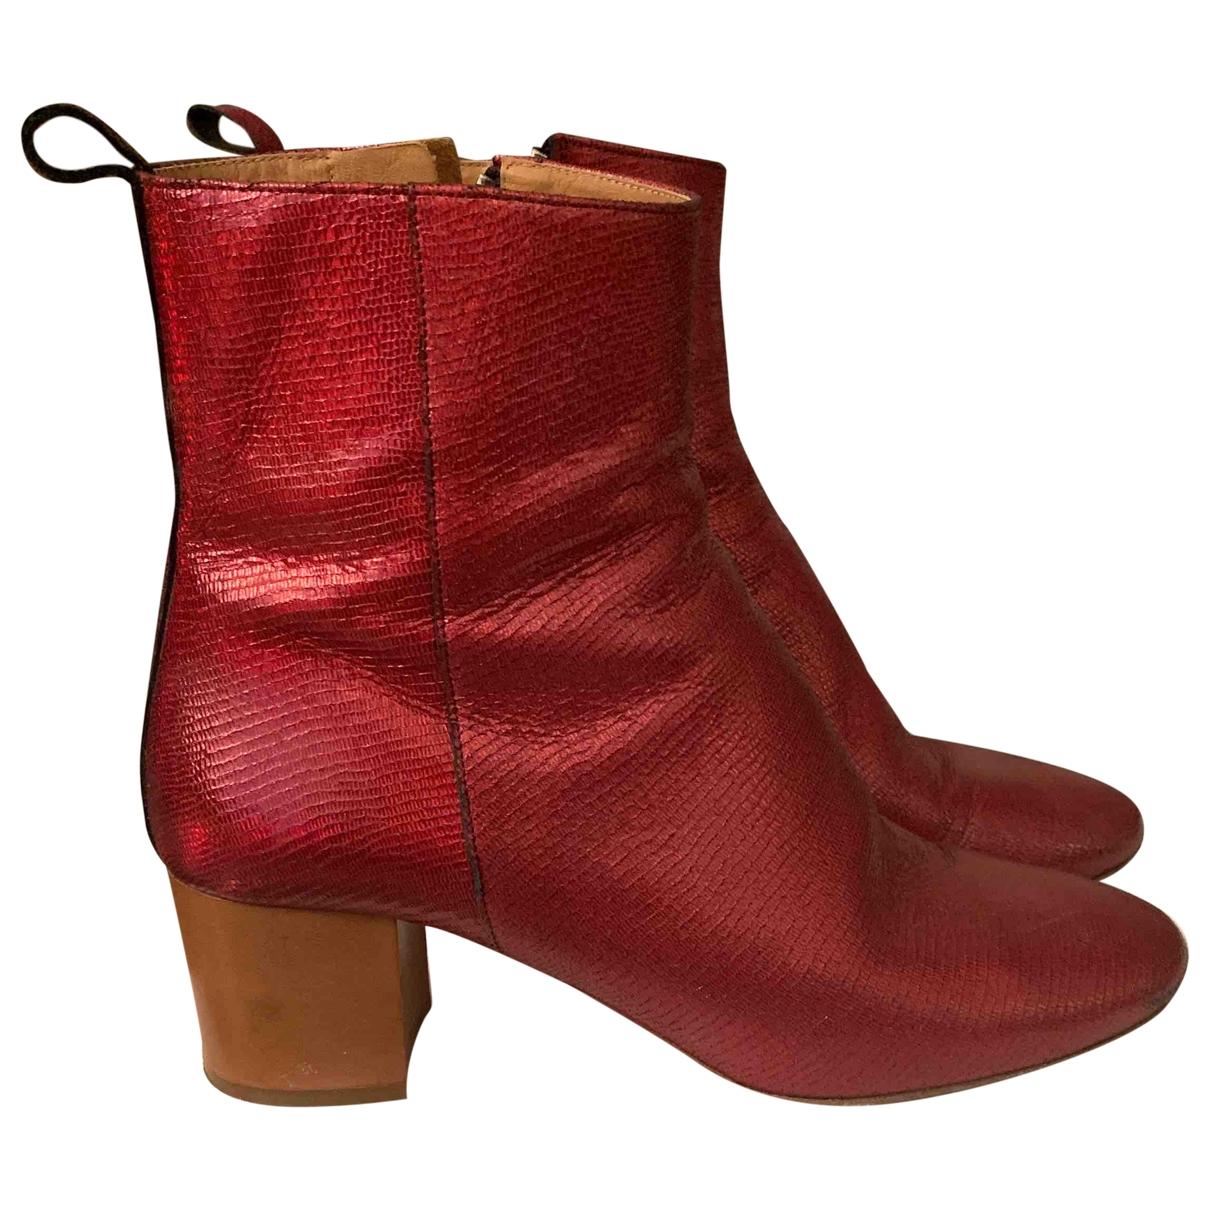 Isabel Marant Etoile \N Stiefel in  Rot Krokodil